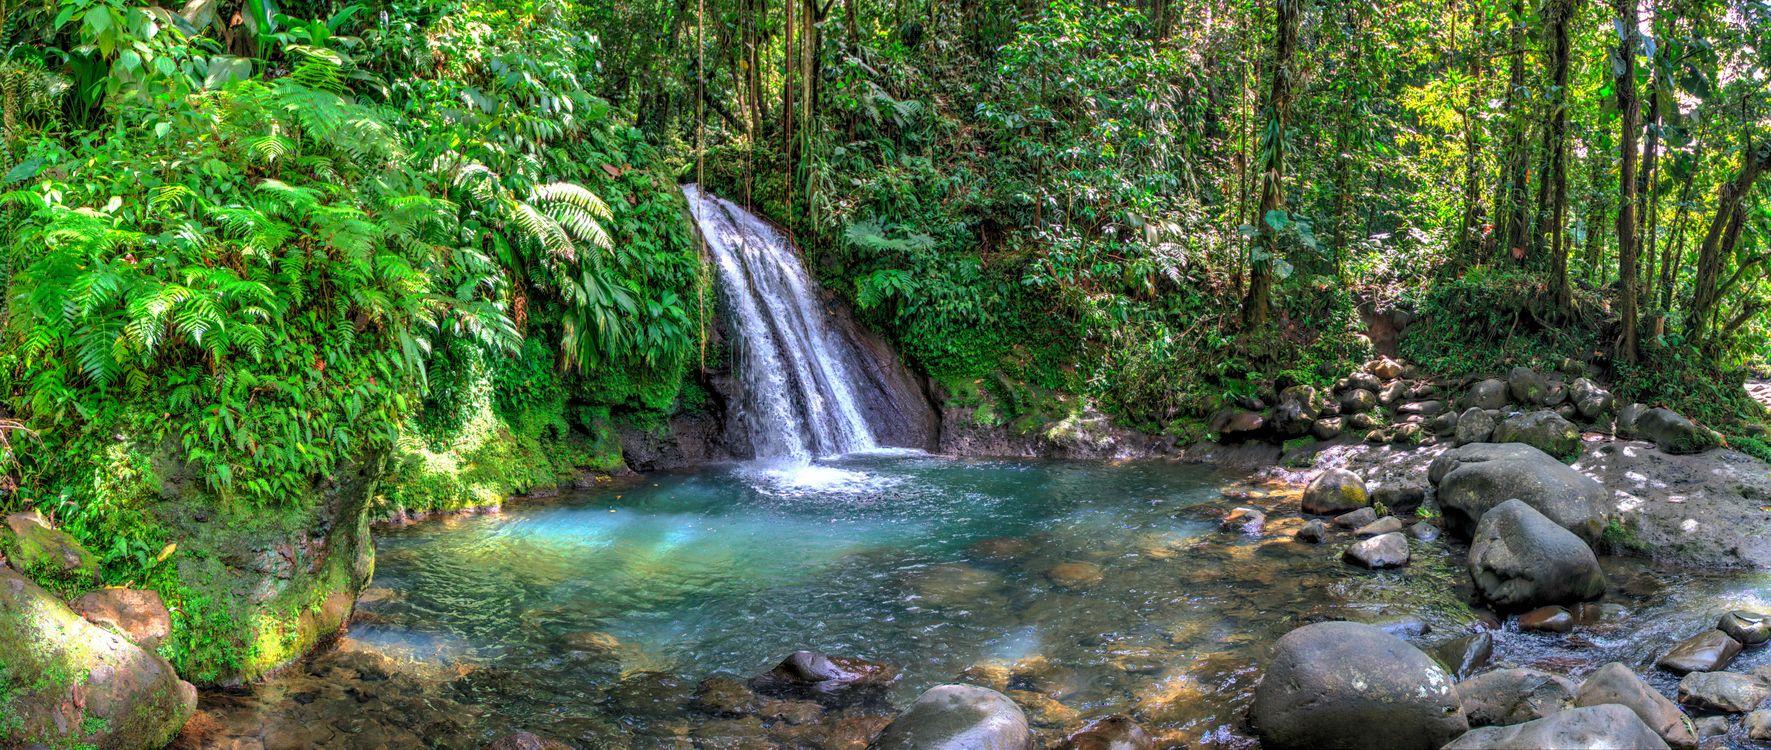 Фото бесплатно водопад, панорама, камни - на рабочий стол